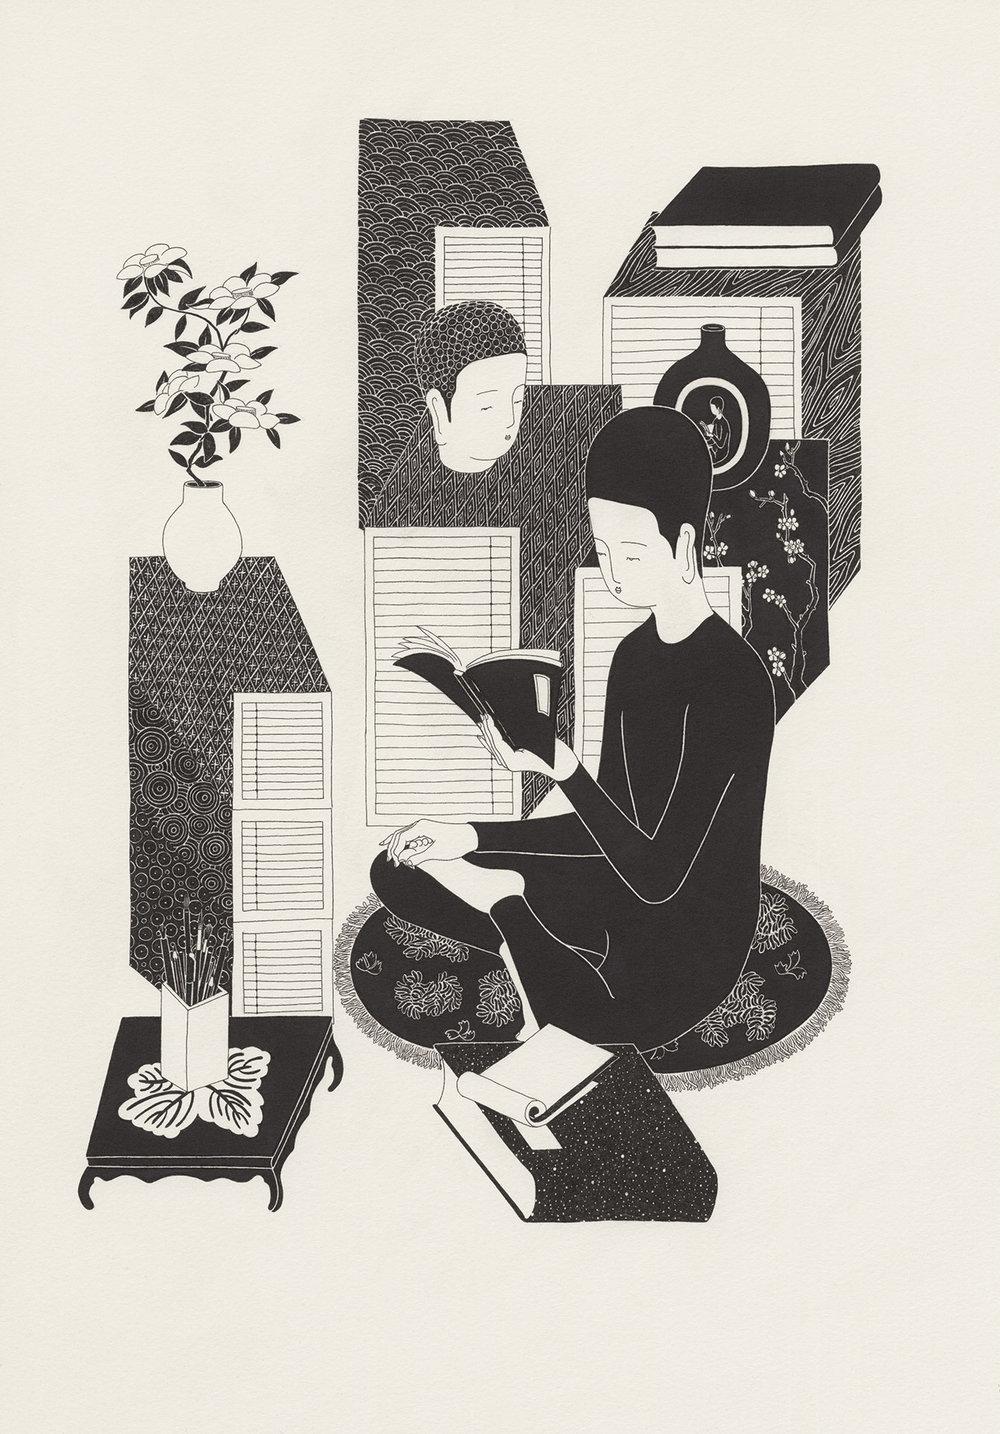 책을 편다 I  /  Openbook I   Op.0098F -35 x 52 cm,종이에 펜, 마커 / Pigment liner and marker on paper, 2015